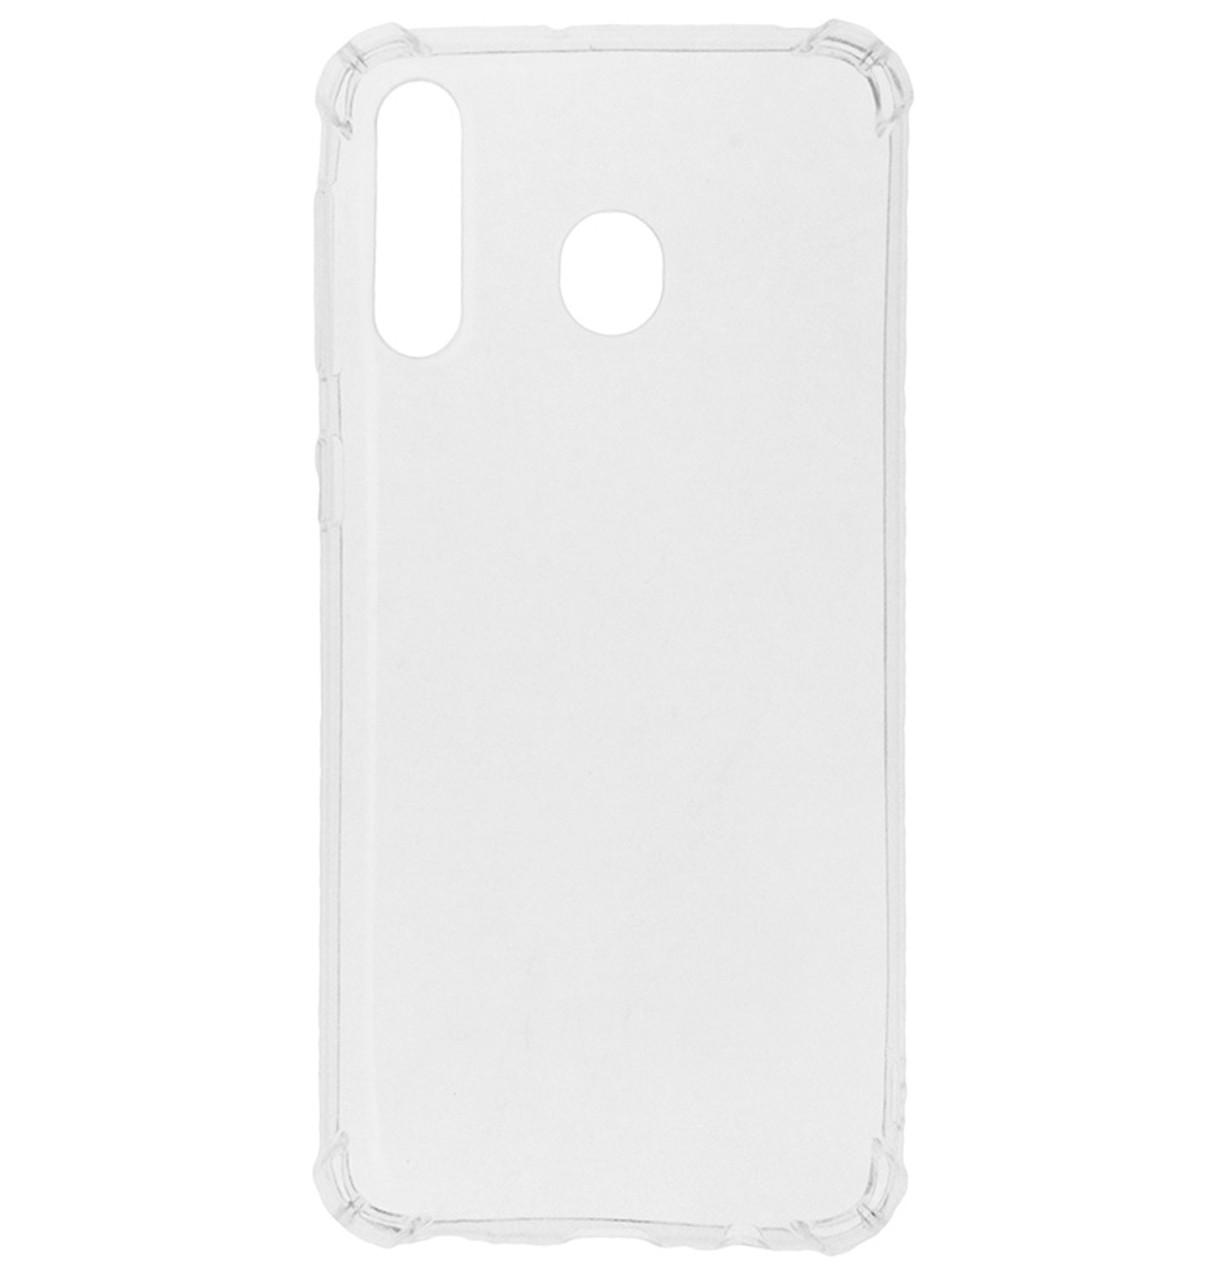 Силиконовая накладка TOTO Shockproof TPU 1 mm с усиленными углами на Samsung Galaxy M30 SM-M305F Transparent